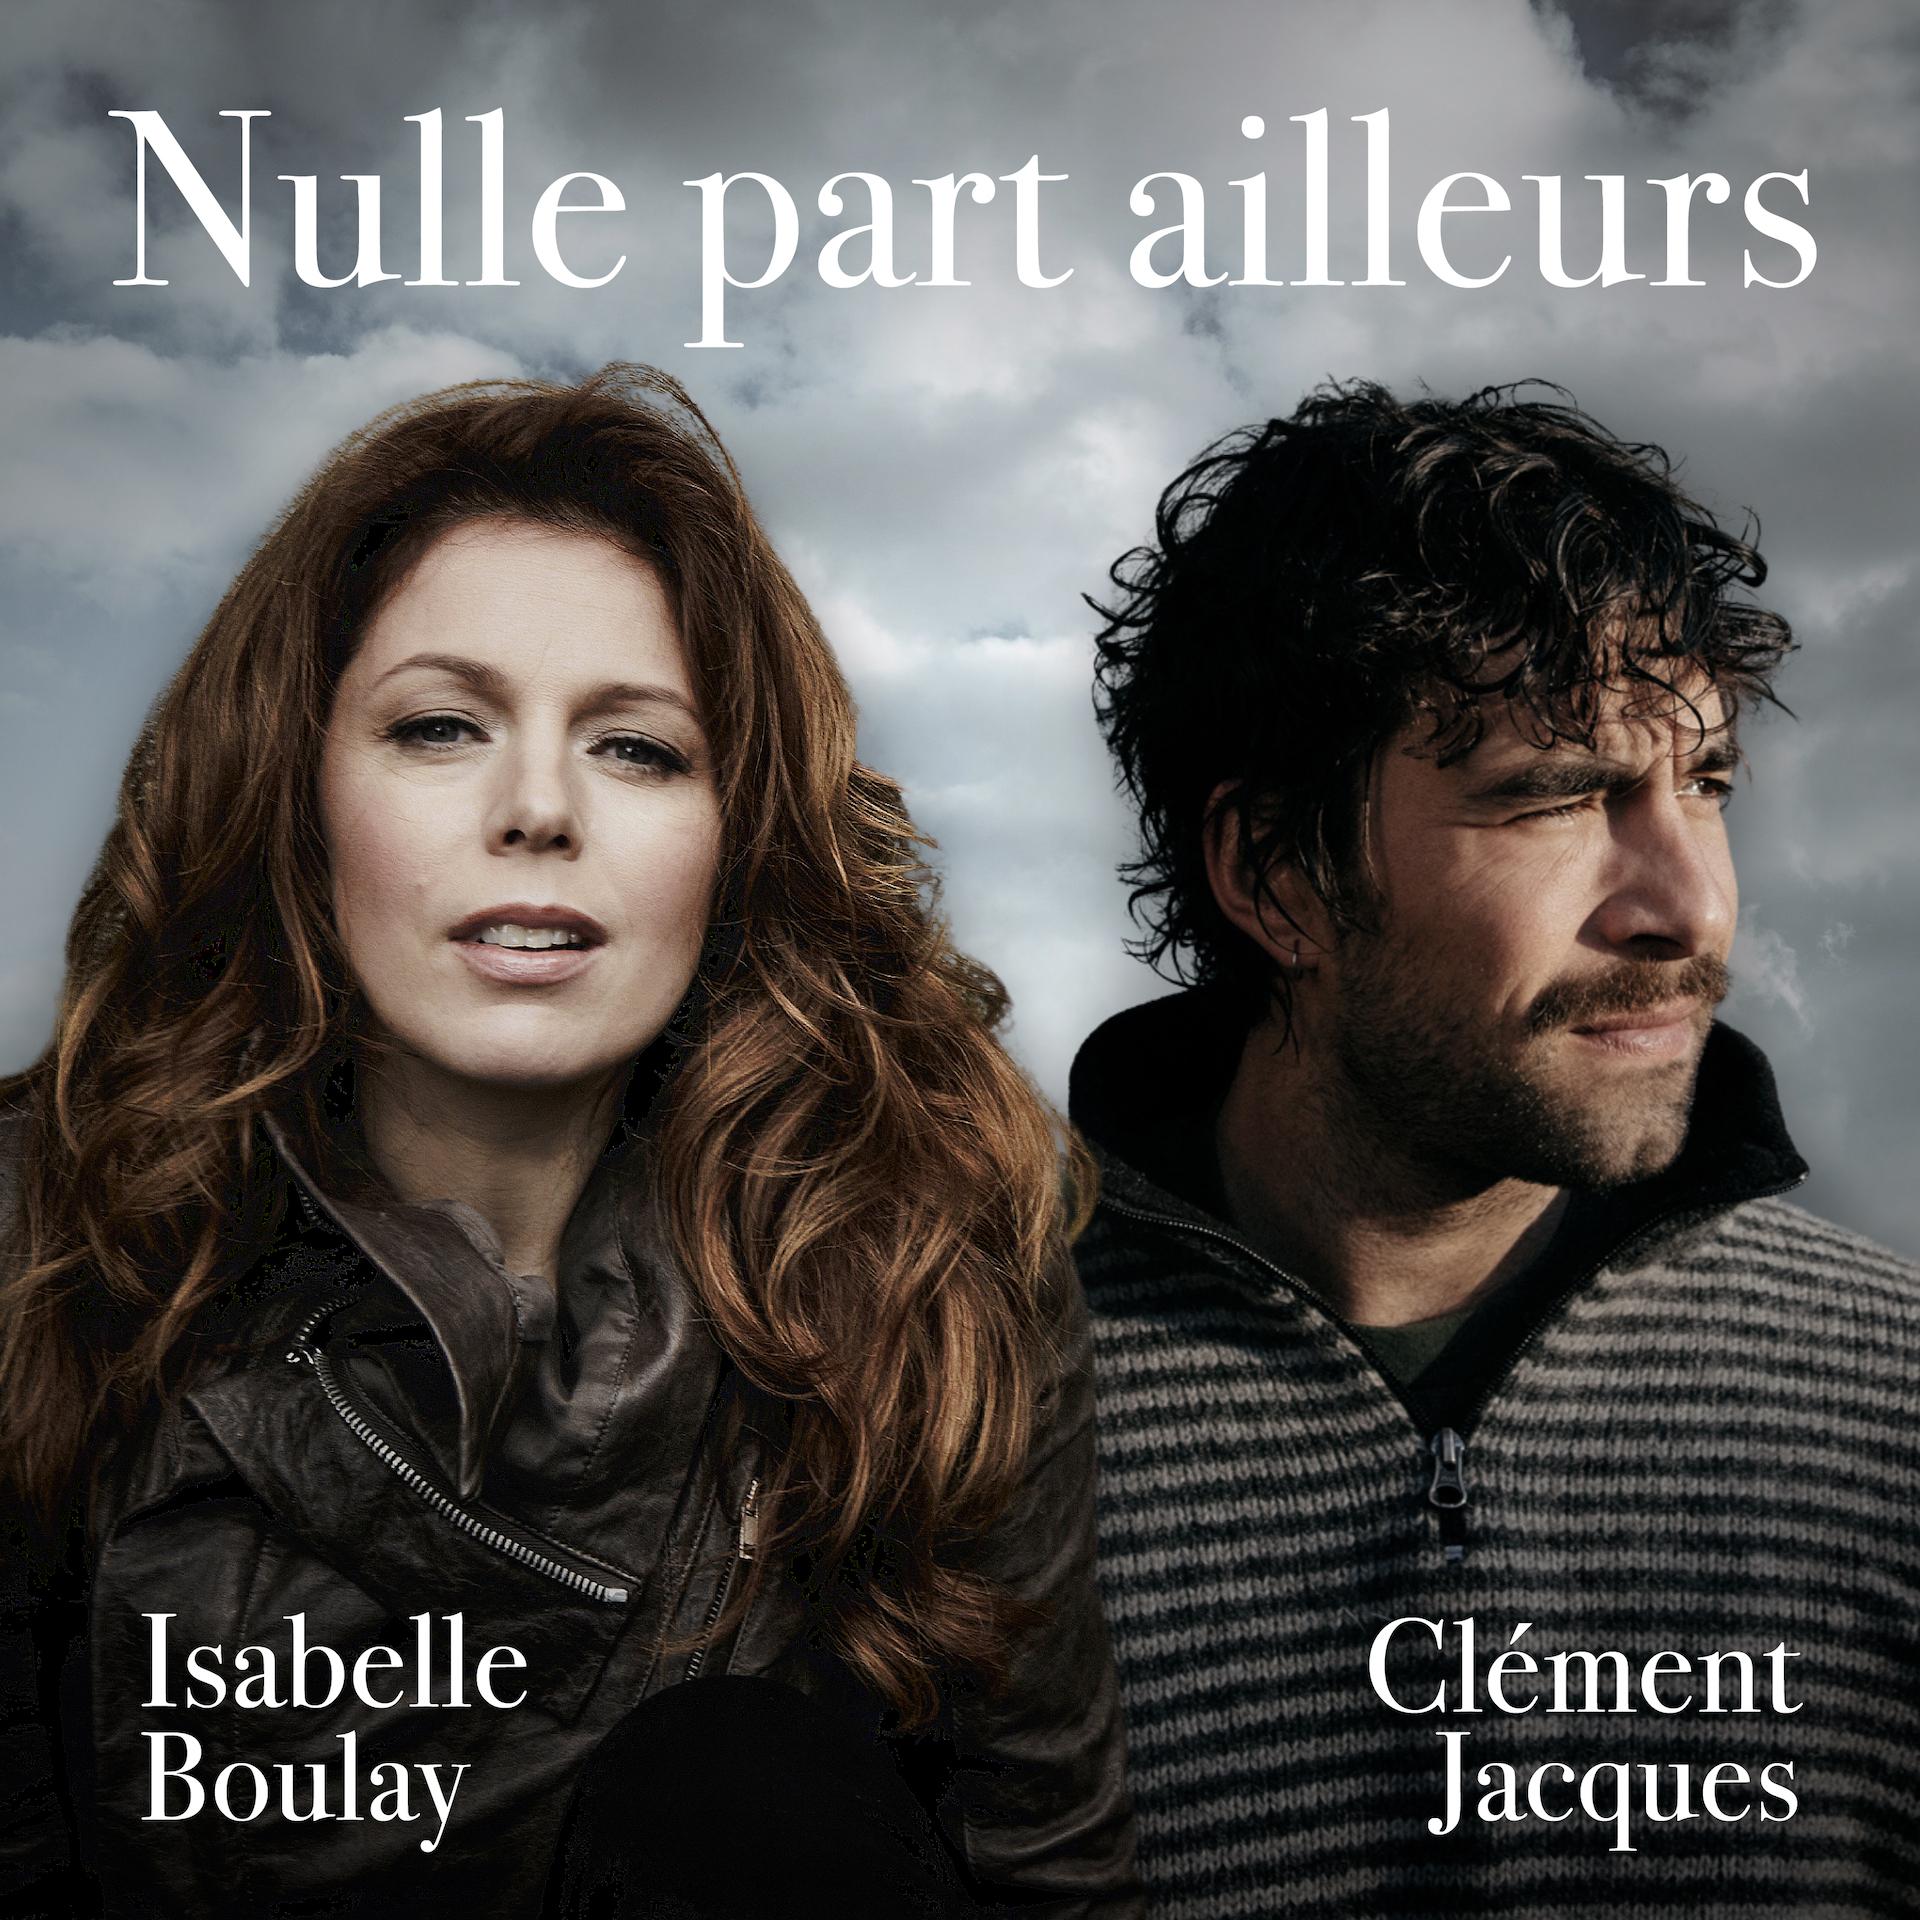 Isabelle Boulay et Clément Jacques présentent la chanson Nulle part ailleurs